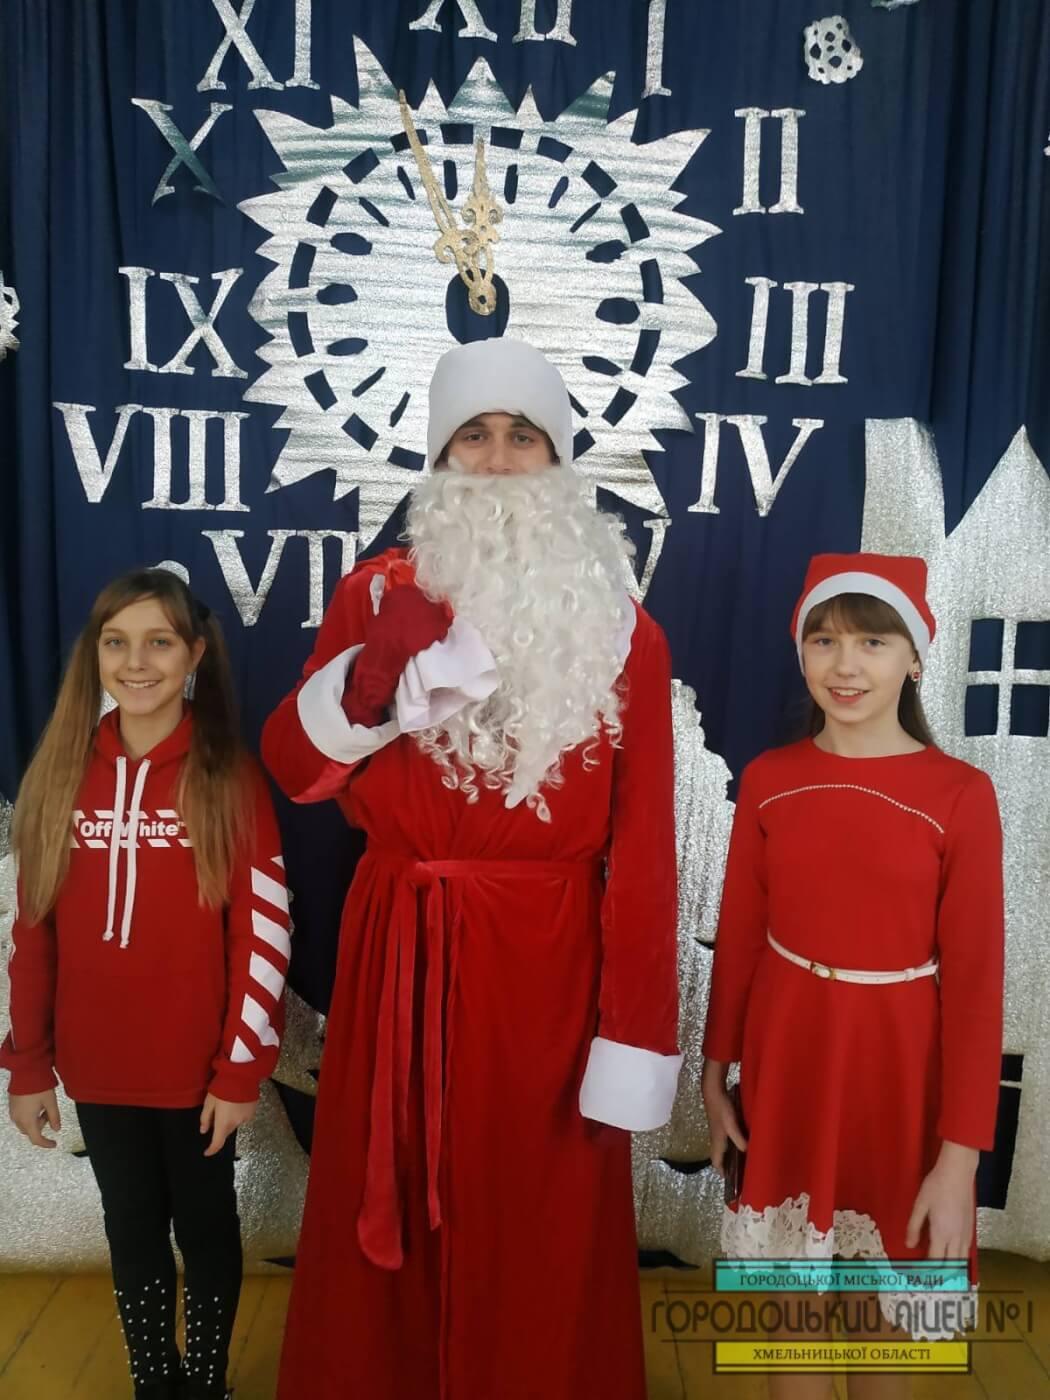 zobrazhennya viber 2019 12 19 15 56 201 - День Святого Миколая